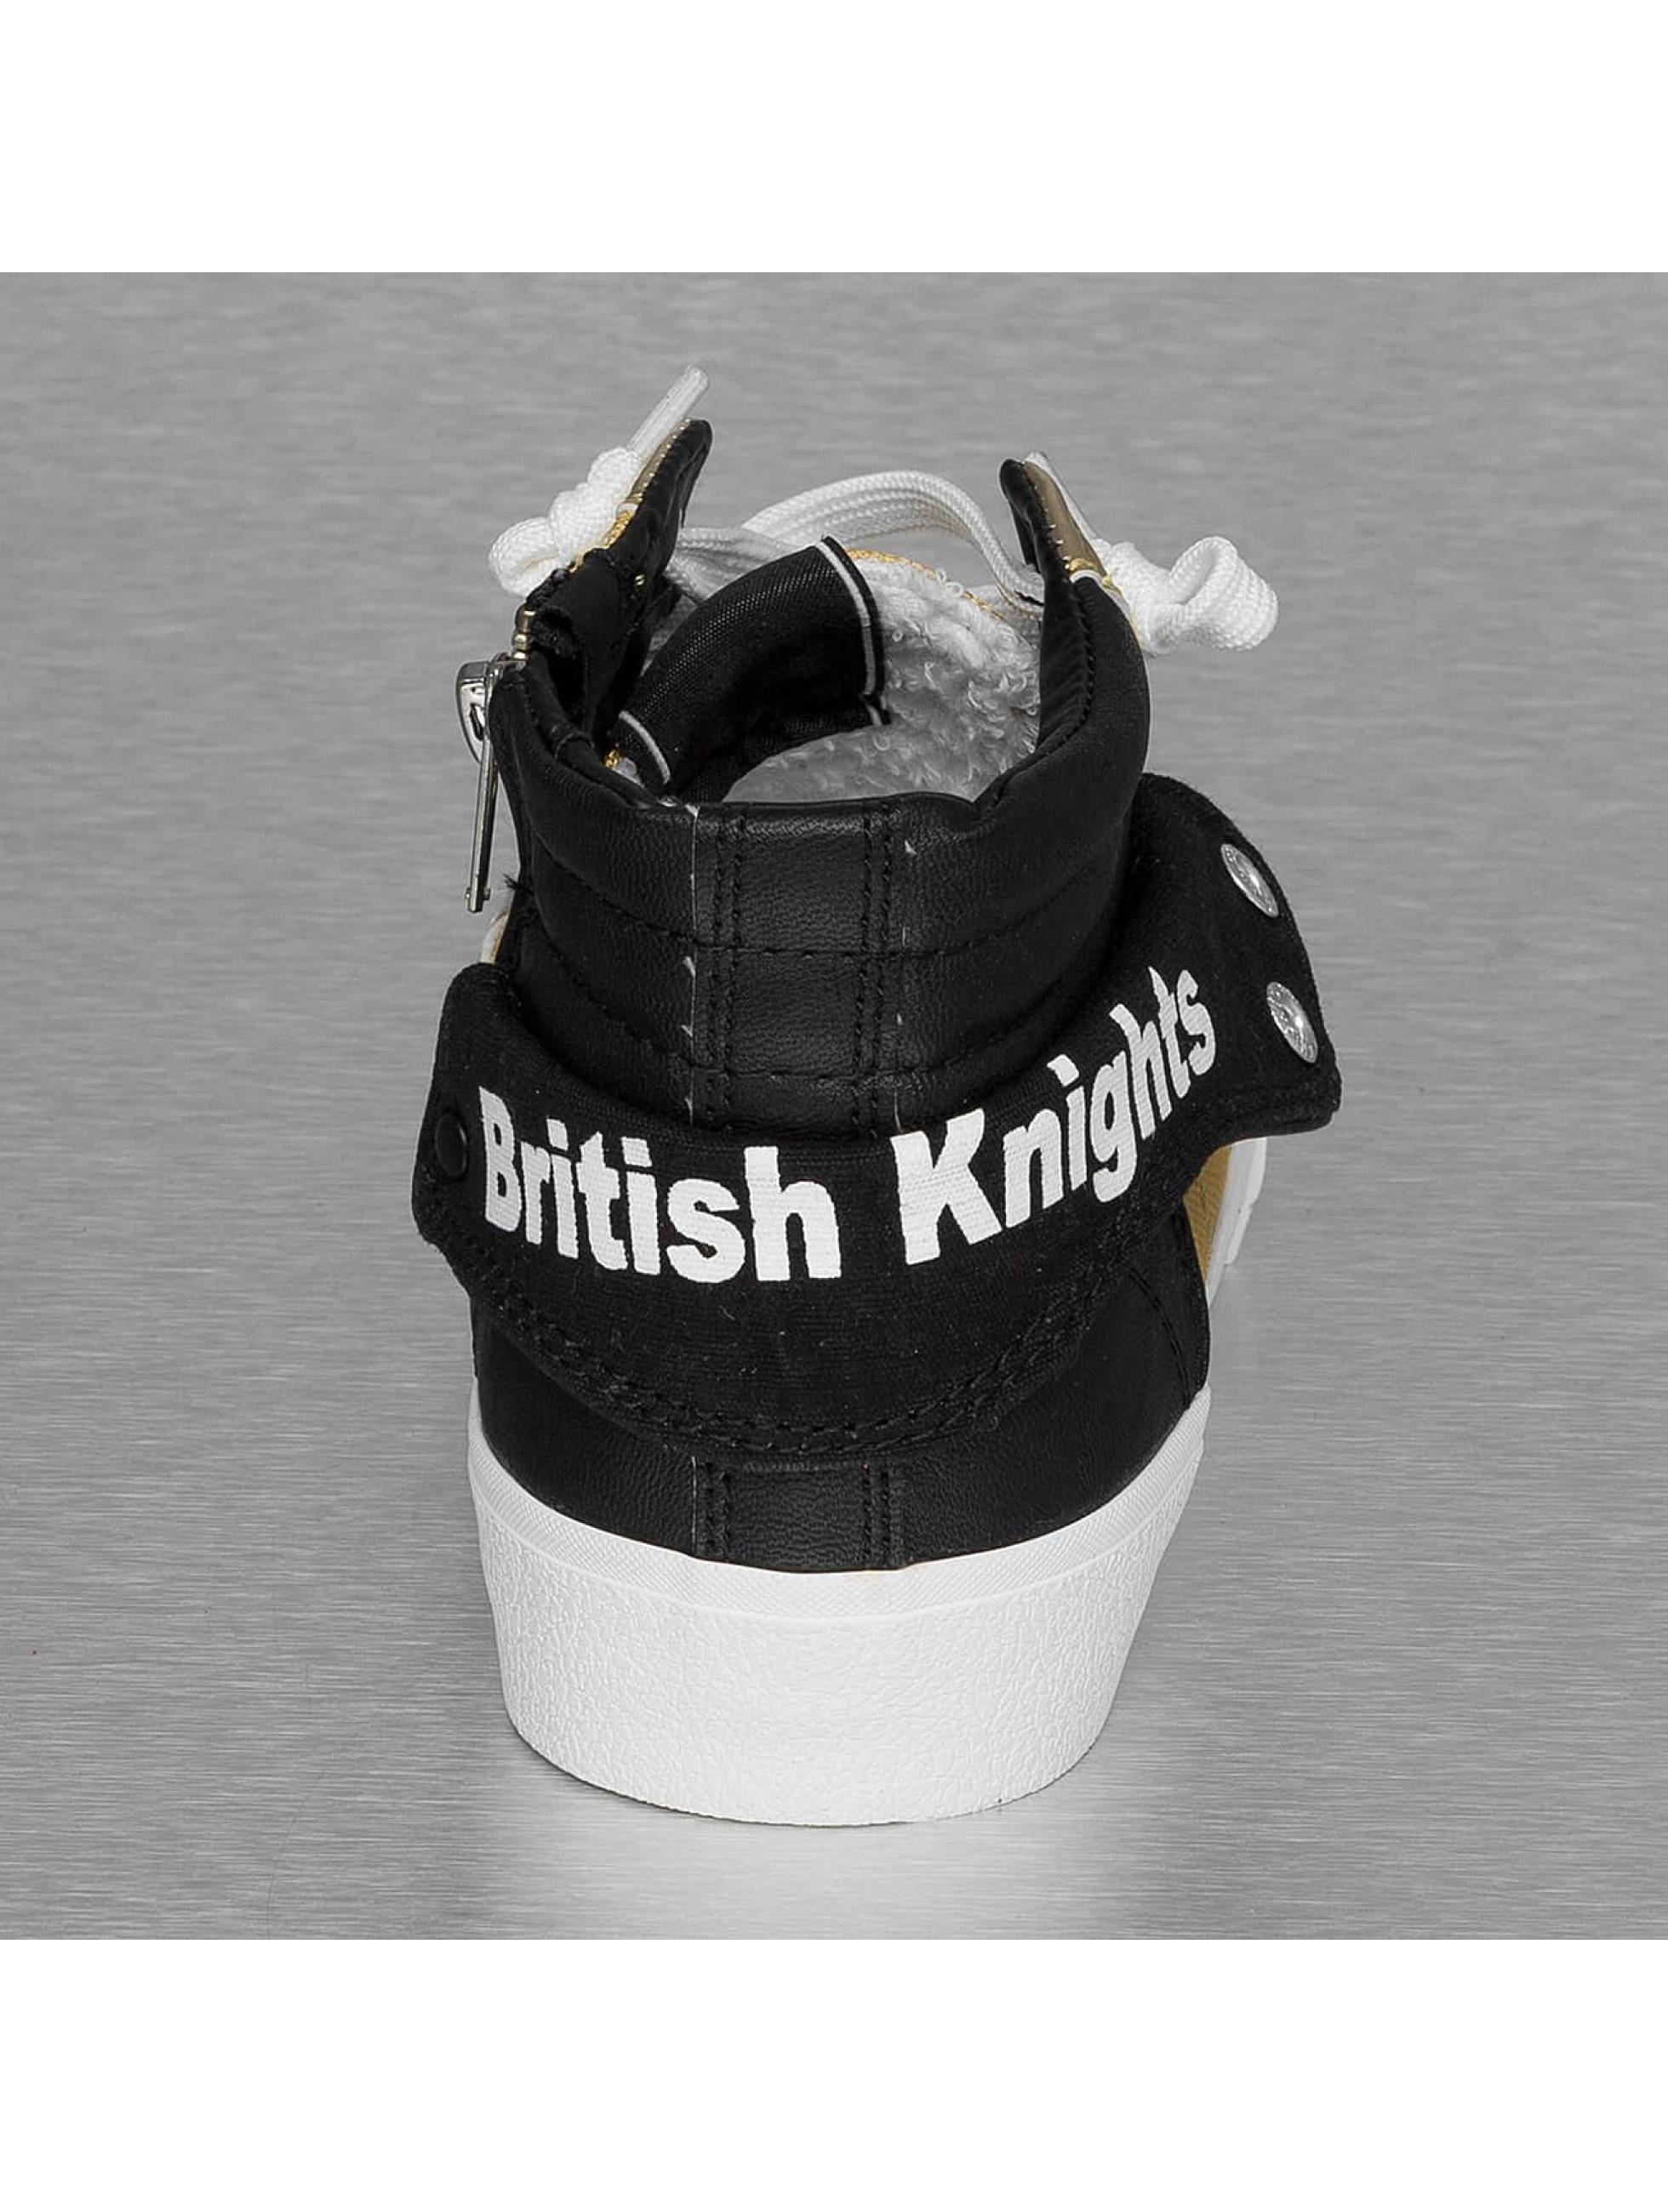 British Knights Tennarit Rigit Mesh PU kullanvärinen